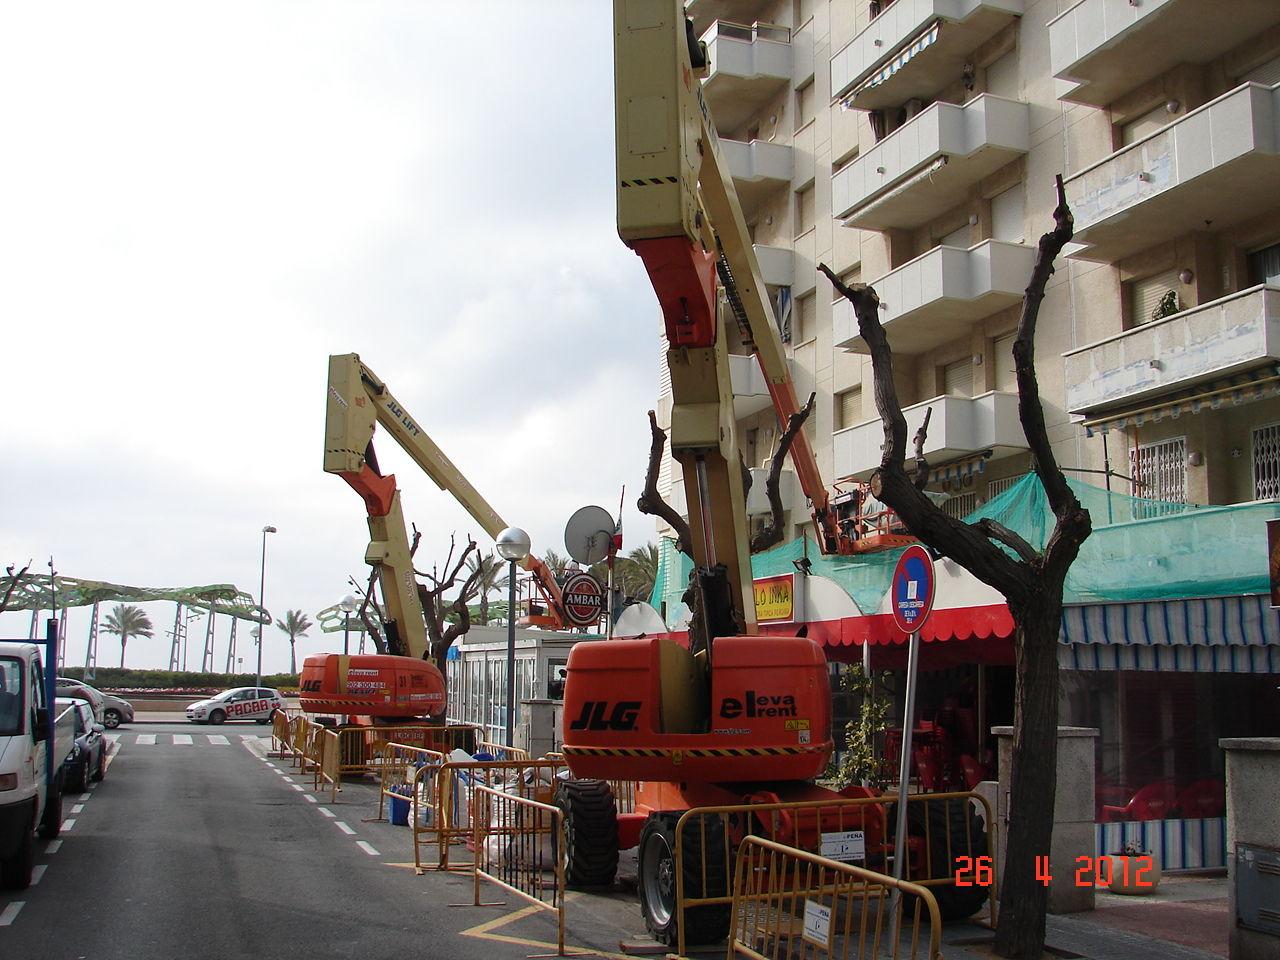 Foto 21 de Plataformas elevadoras en Reus | Eleva Rent